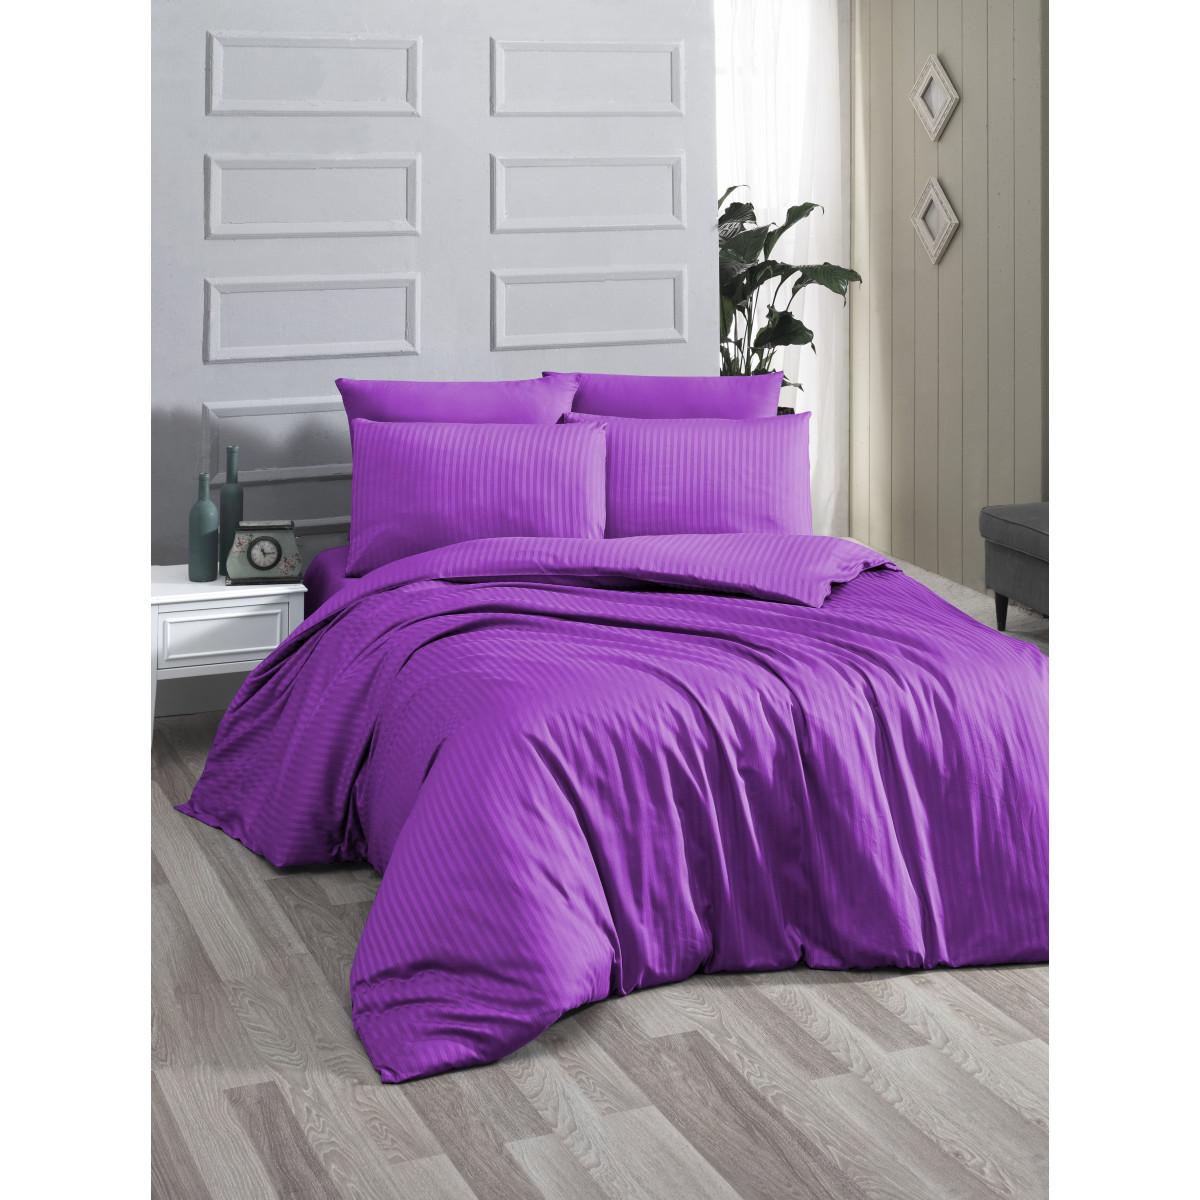 Спален комплект - 100% памук сатен - 210 нишки - Лила